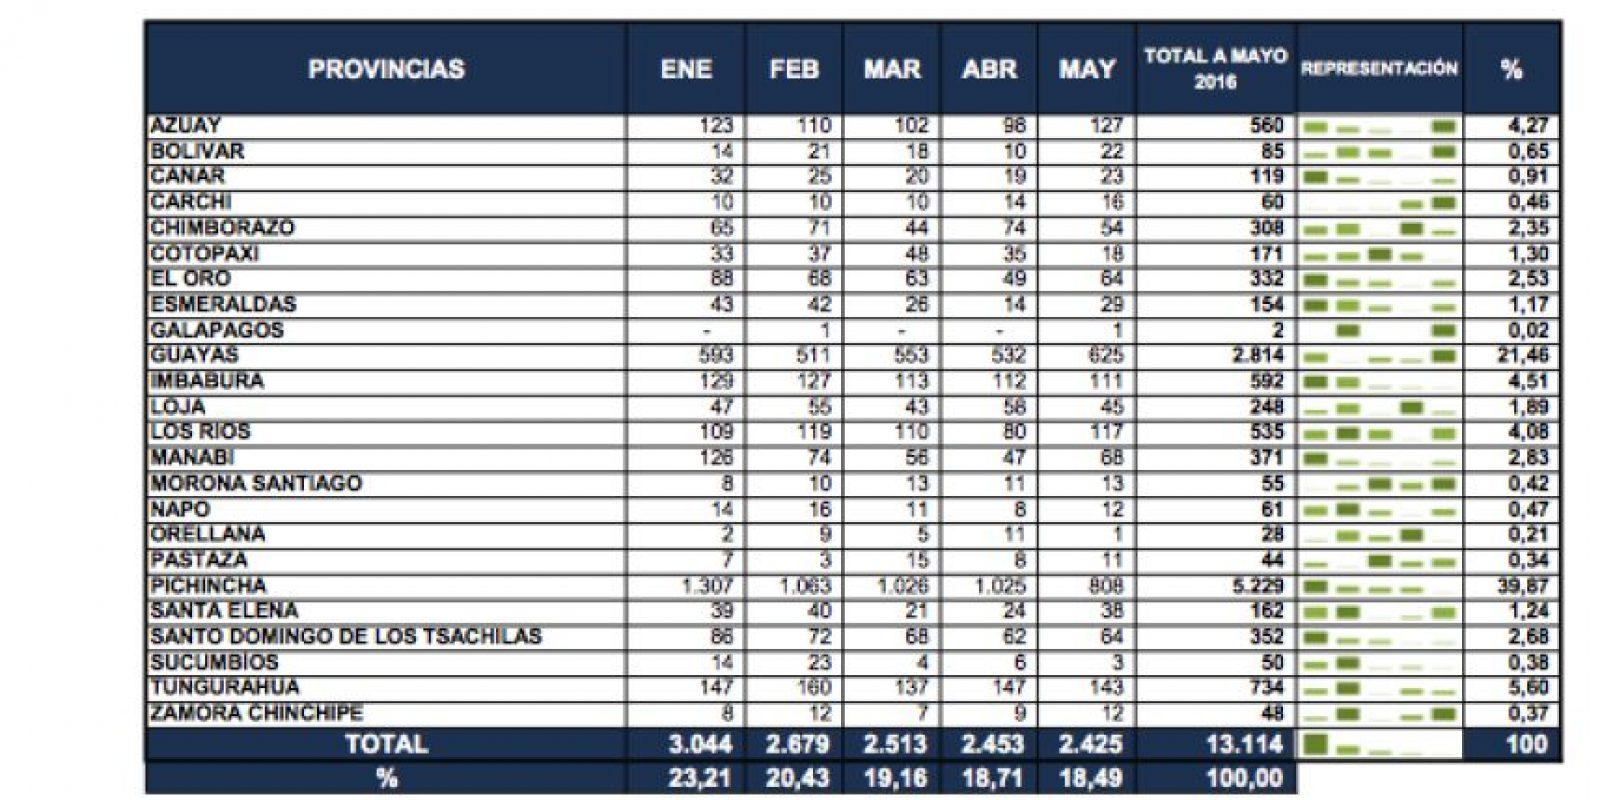 Estadísticas de enero a mayo del 2016 Foto:ANT